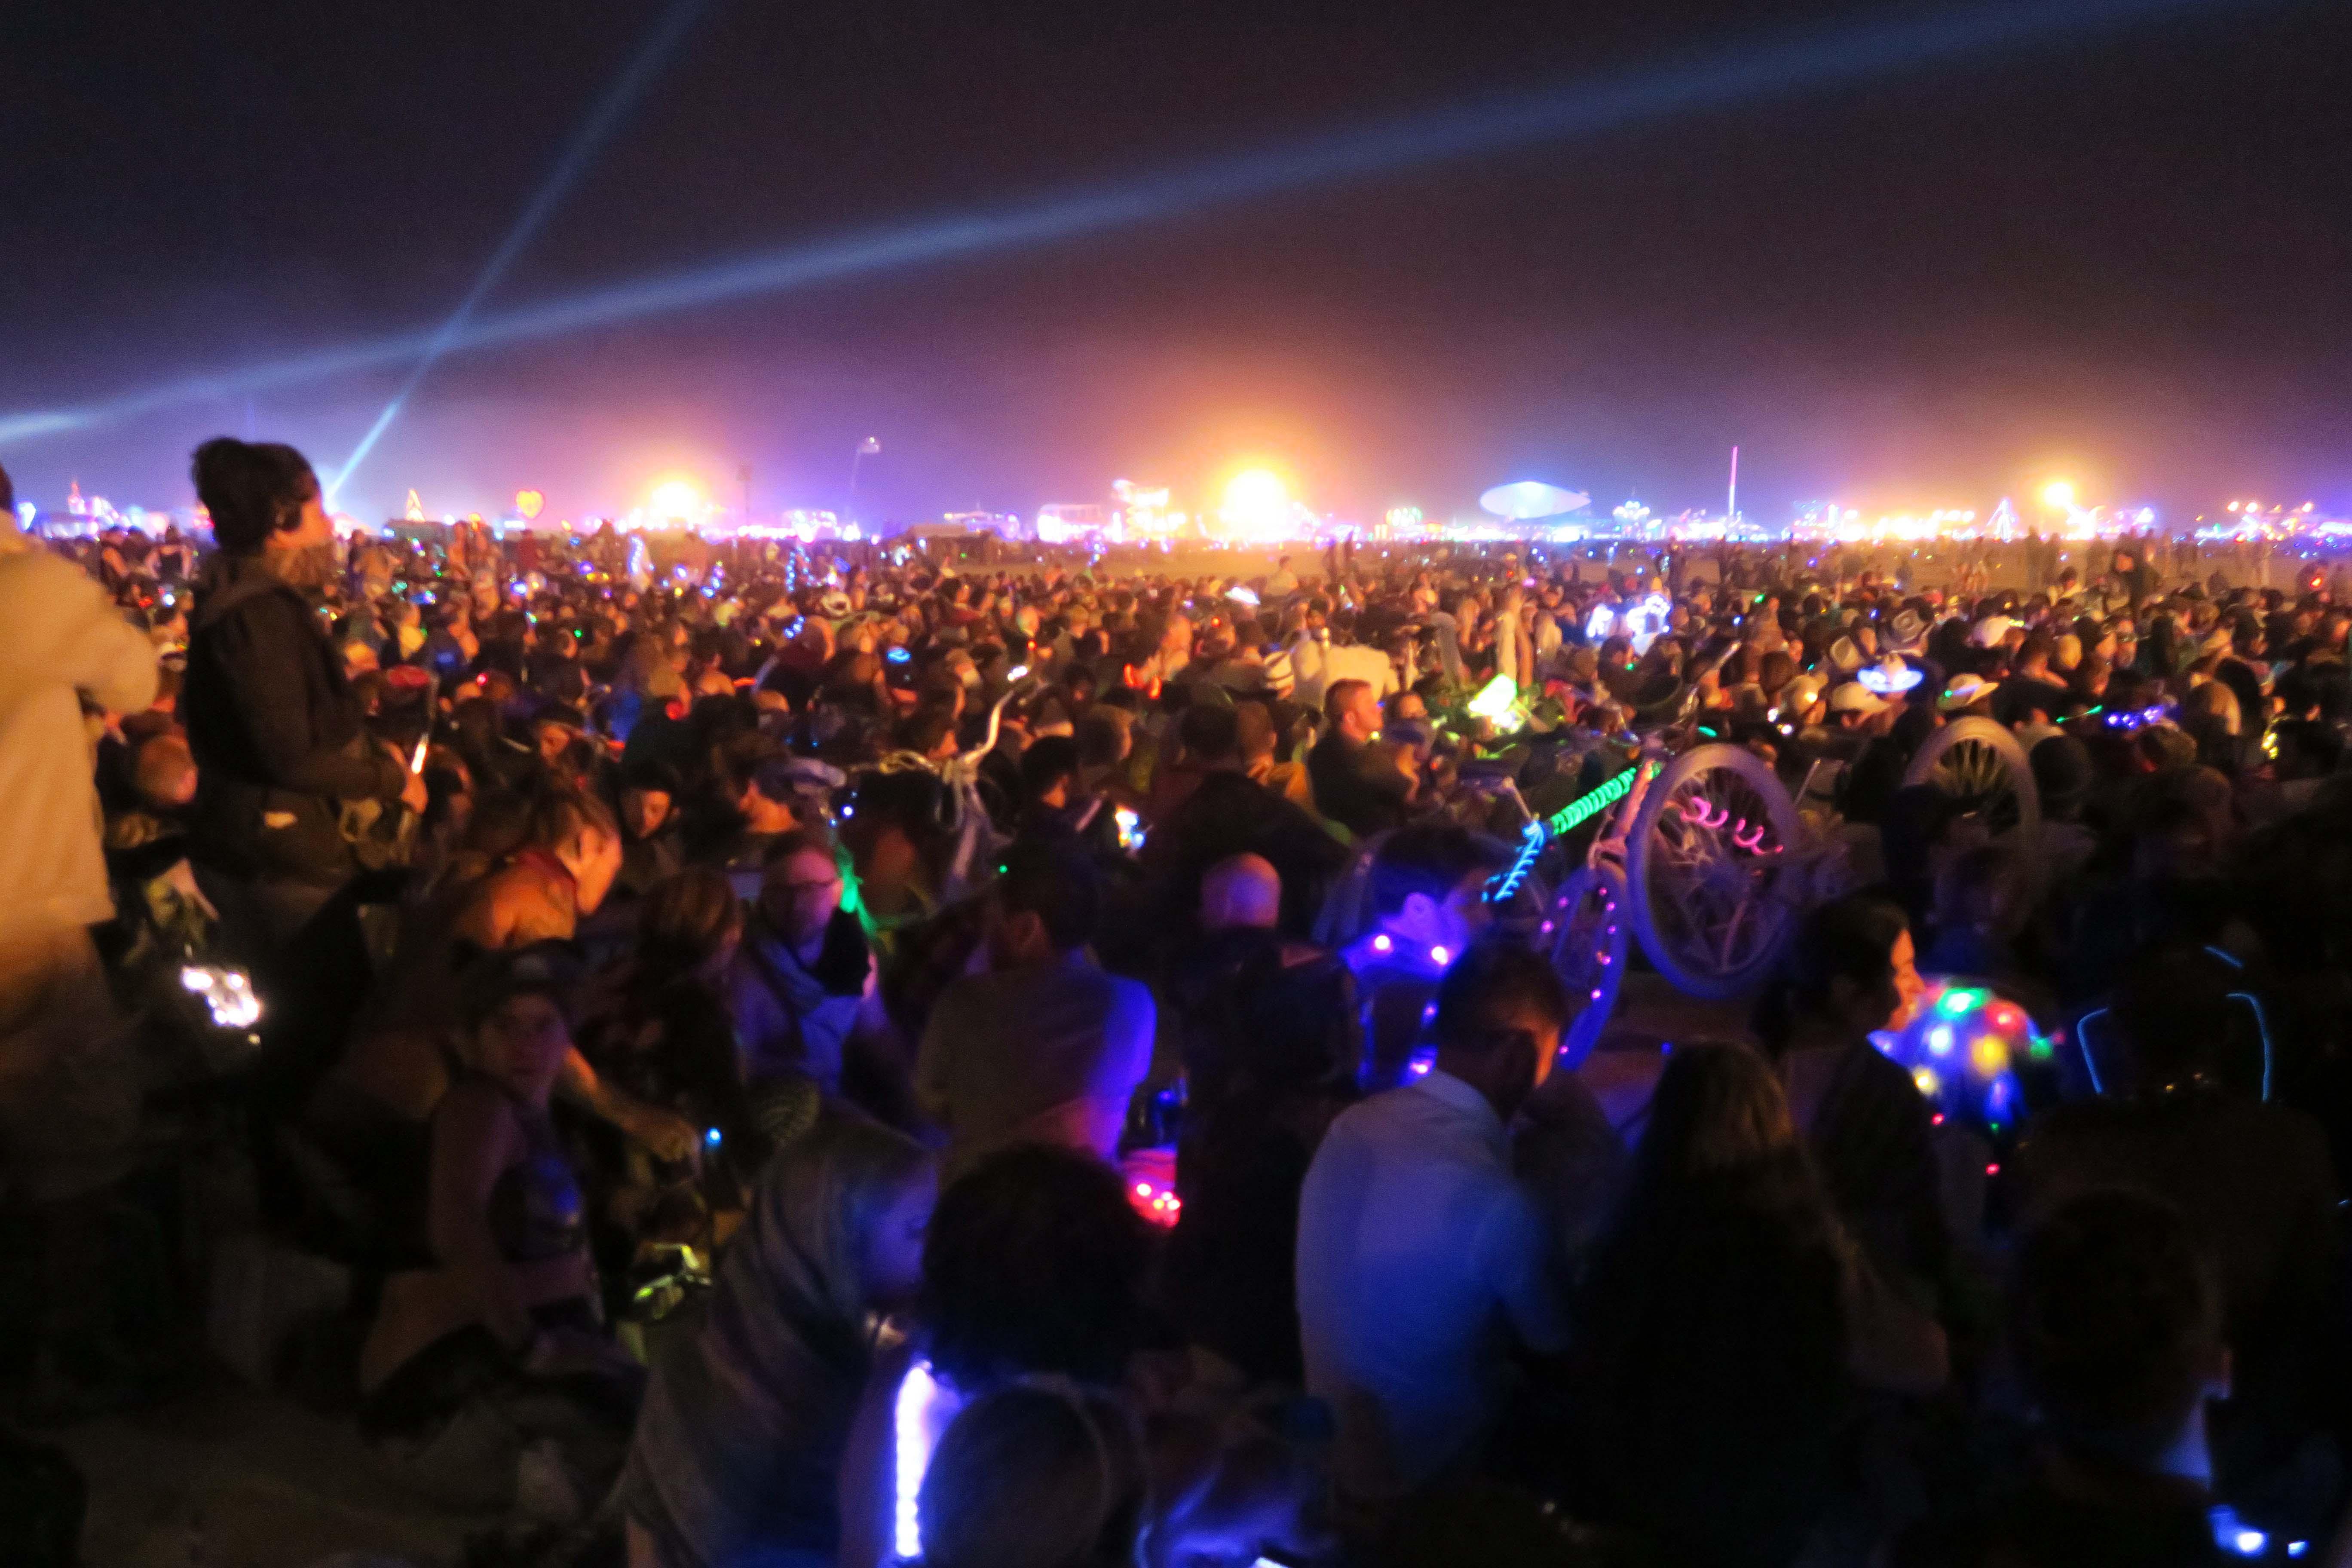 The crowd on Burn Night, Burning Man 2017